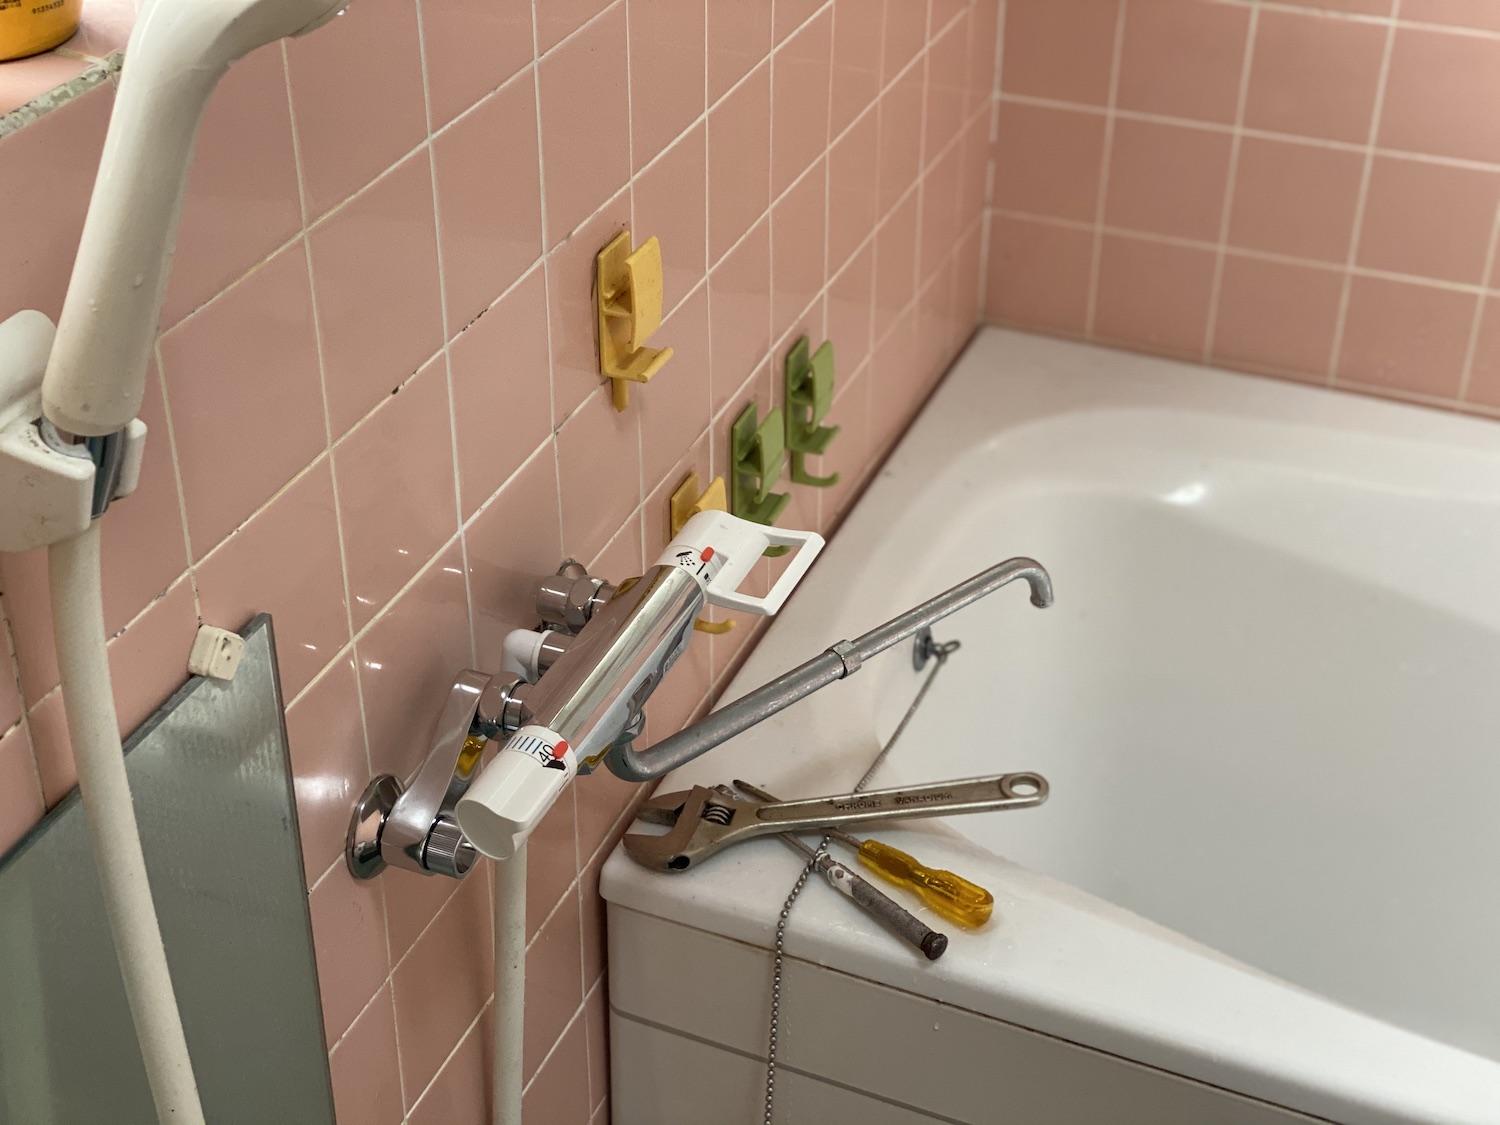 水漏れに注意! DIYの水栓交換作業は確実に!